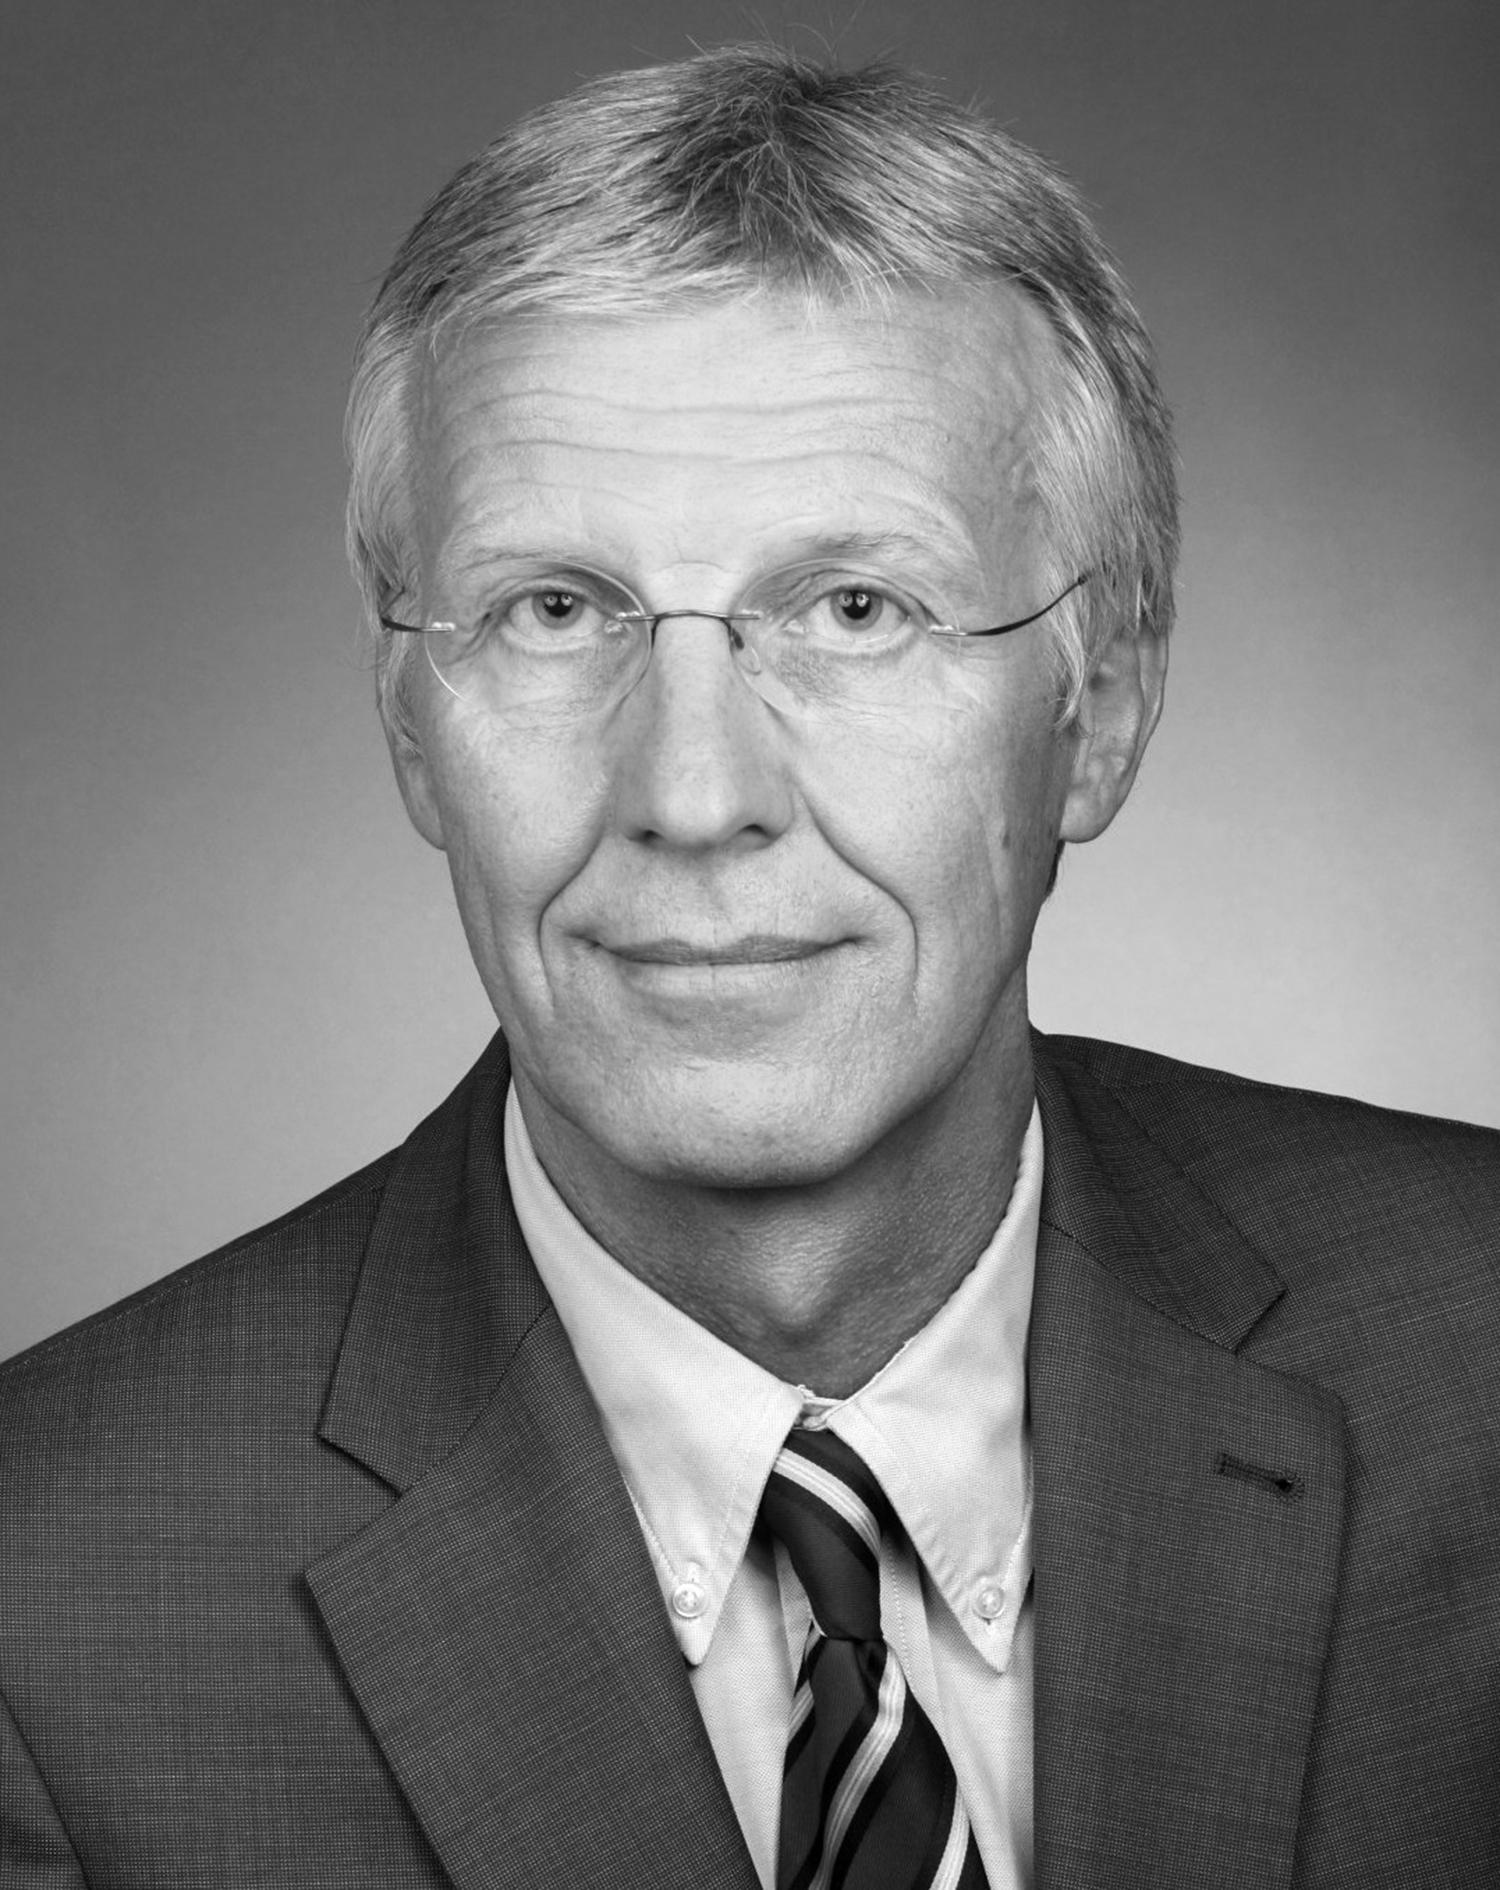 Siegfried Hasenbein